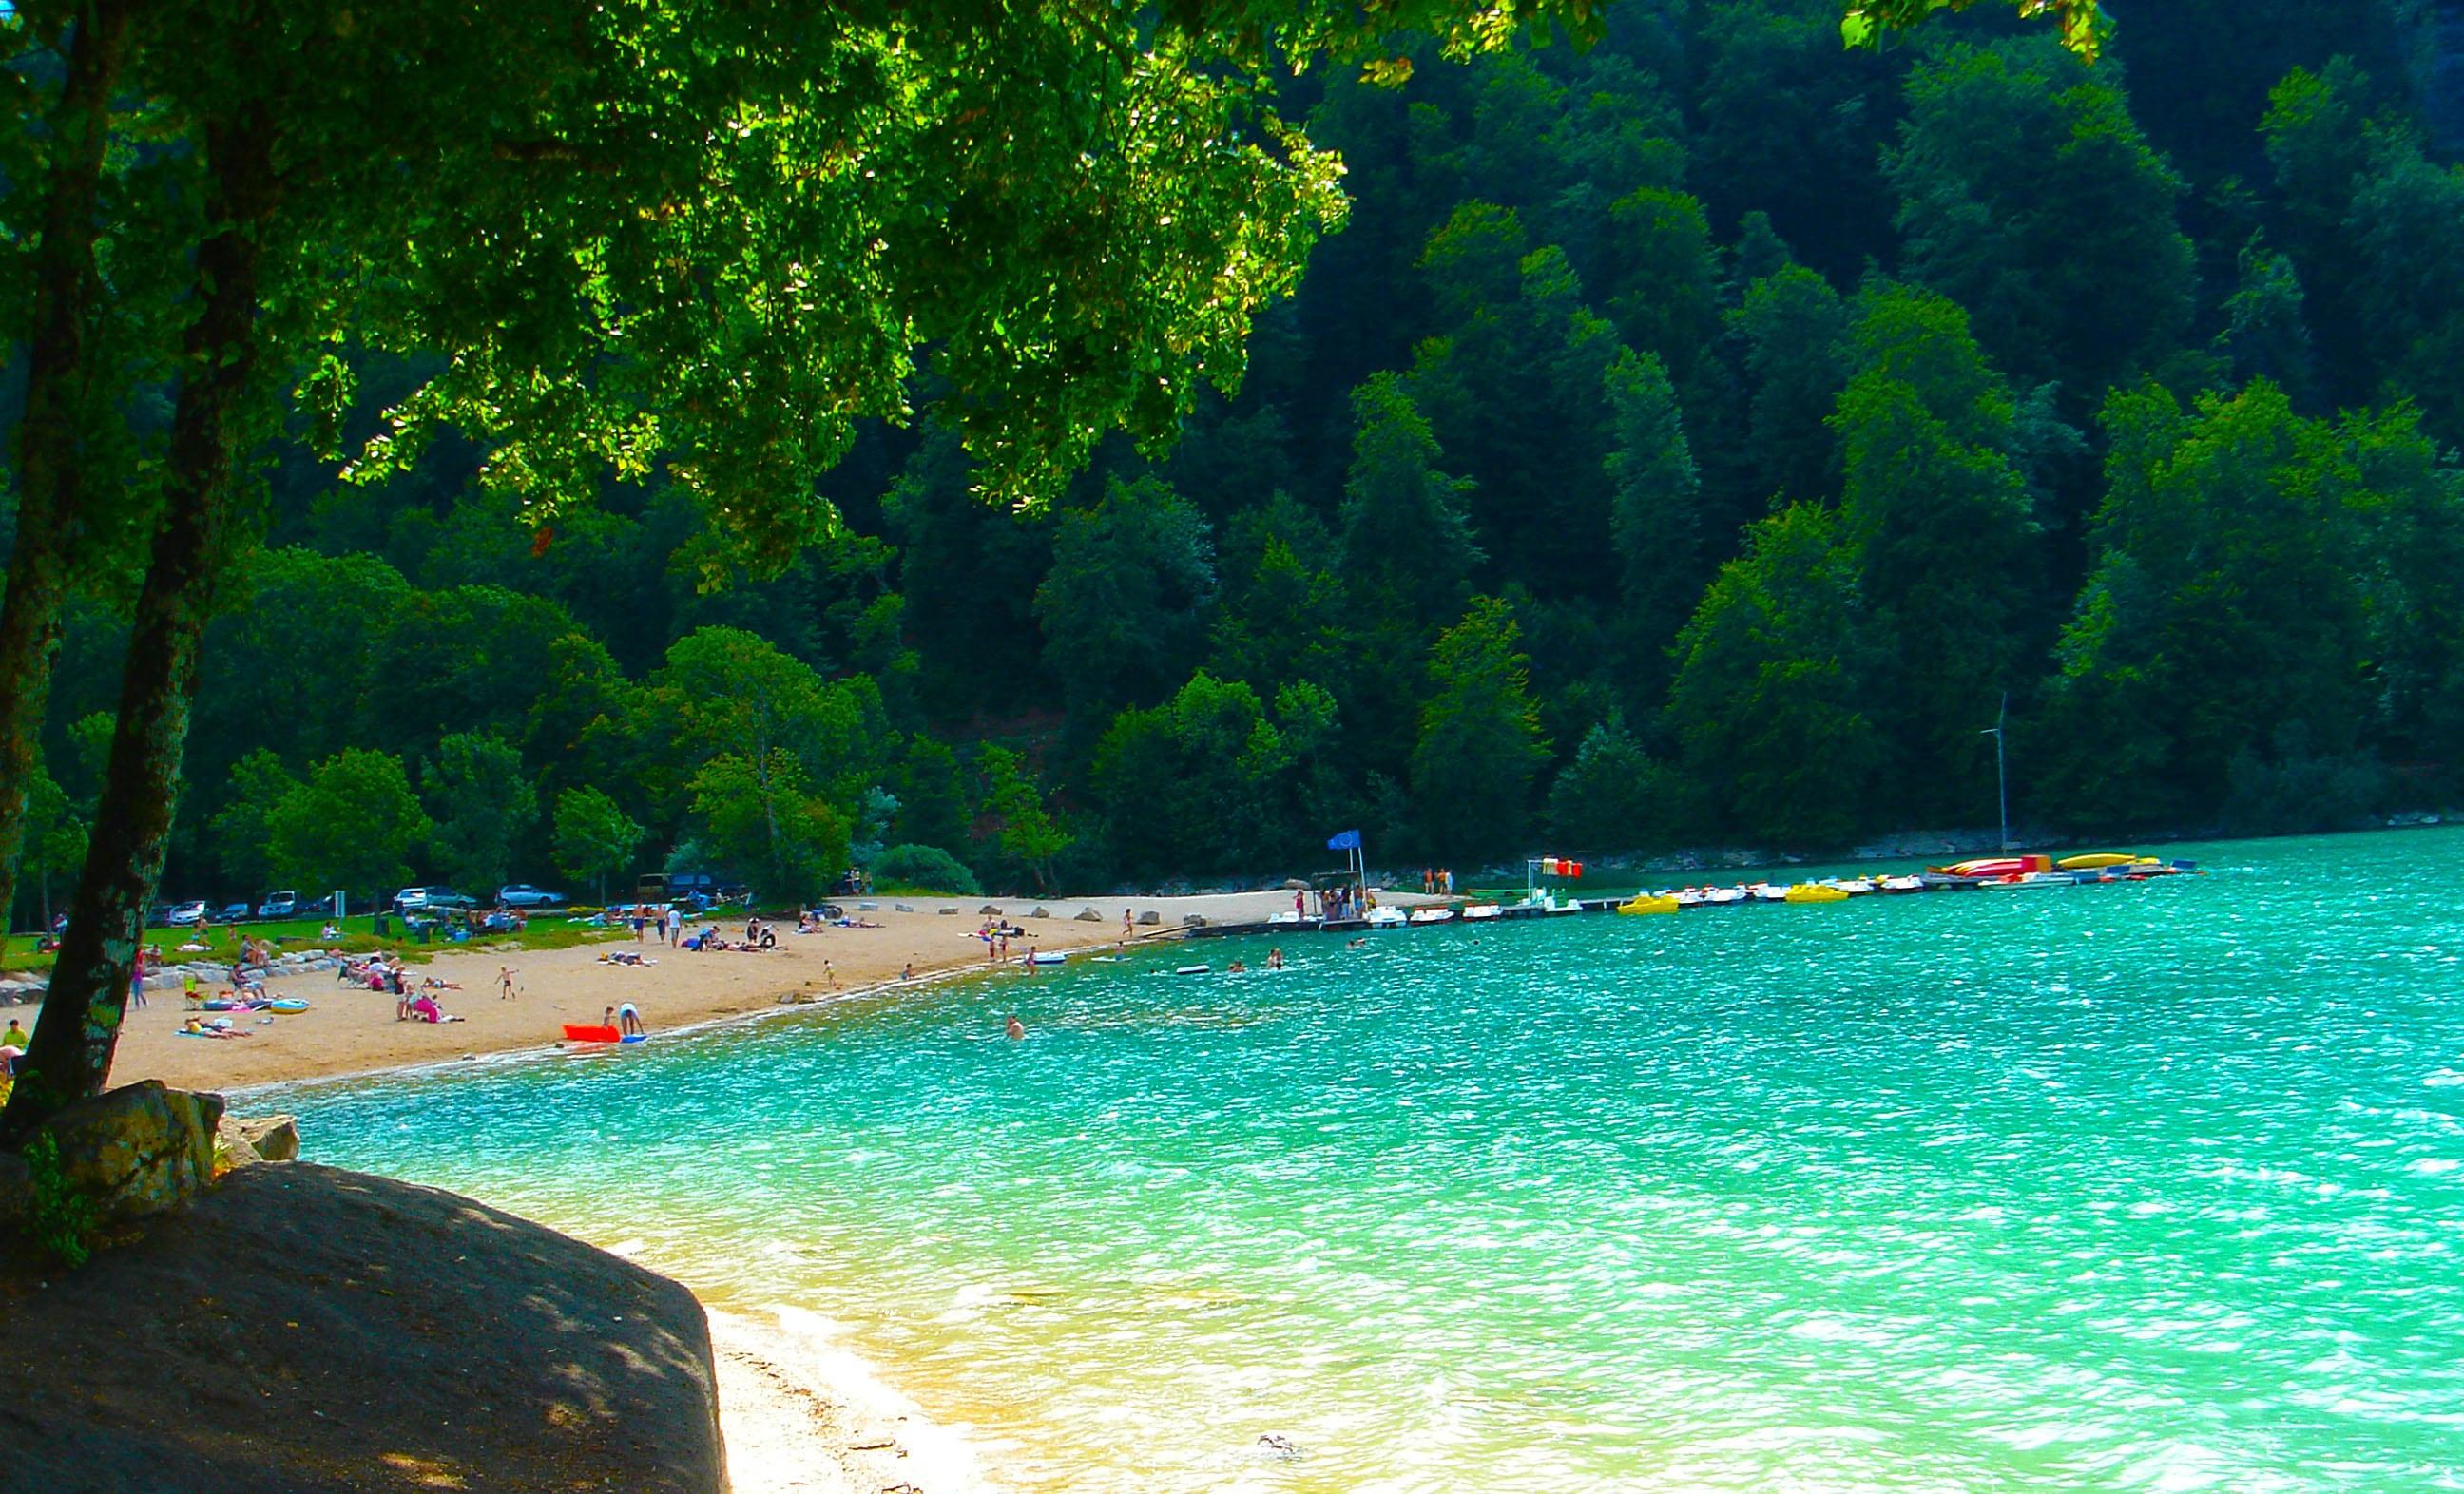 le lac de Chalain dans le Jura parmi les 25 lieux incroyables en Europe que tu ne connais pas